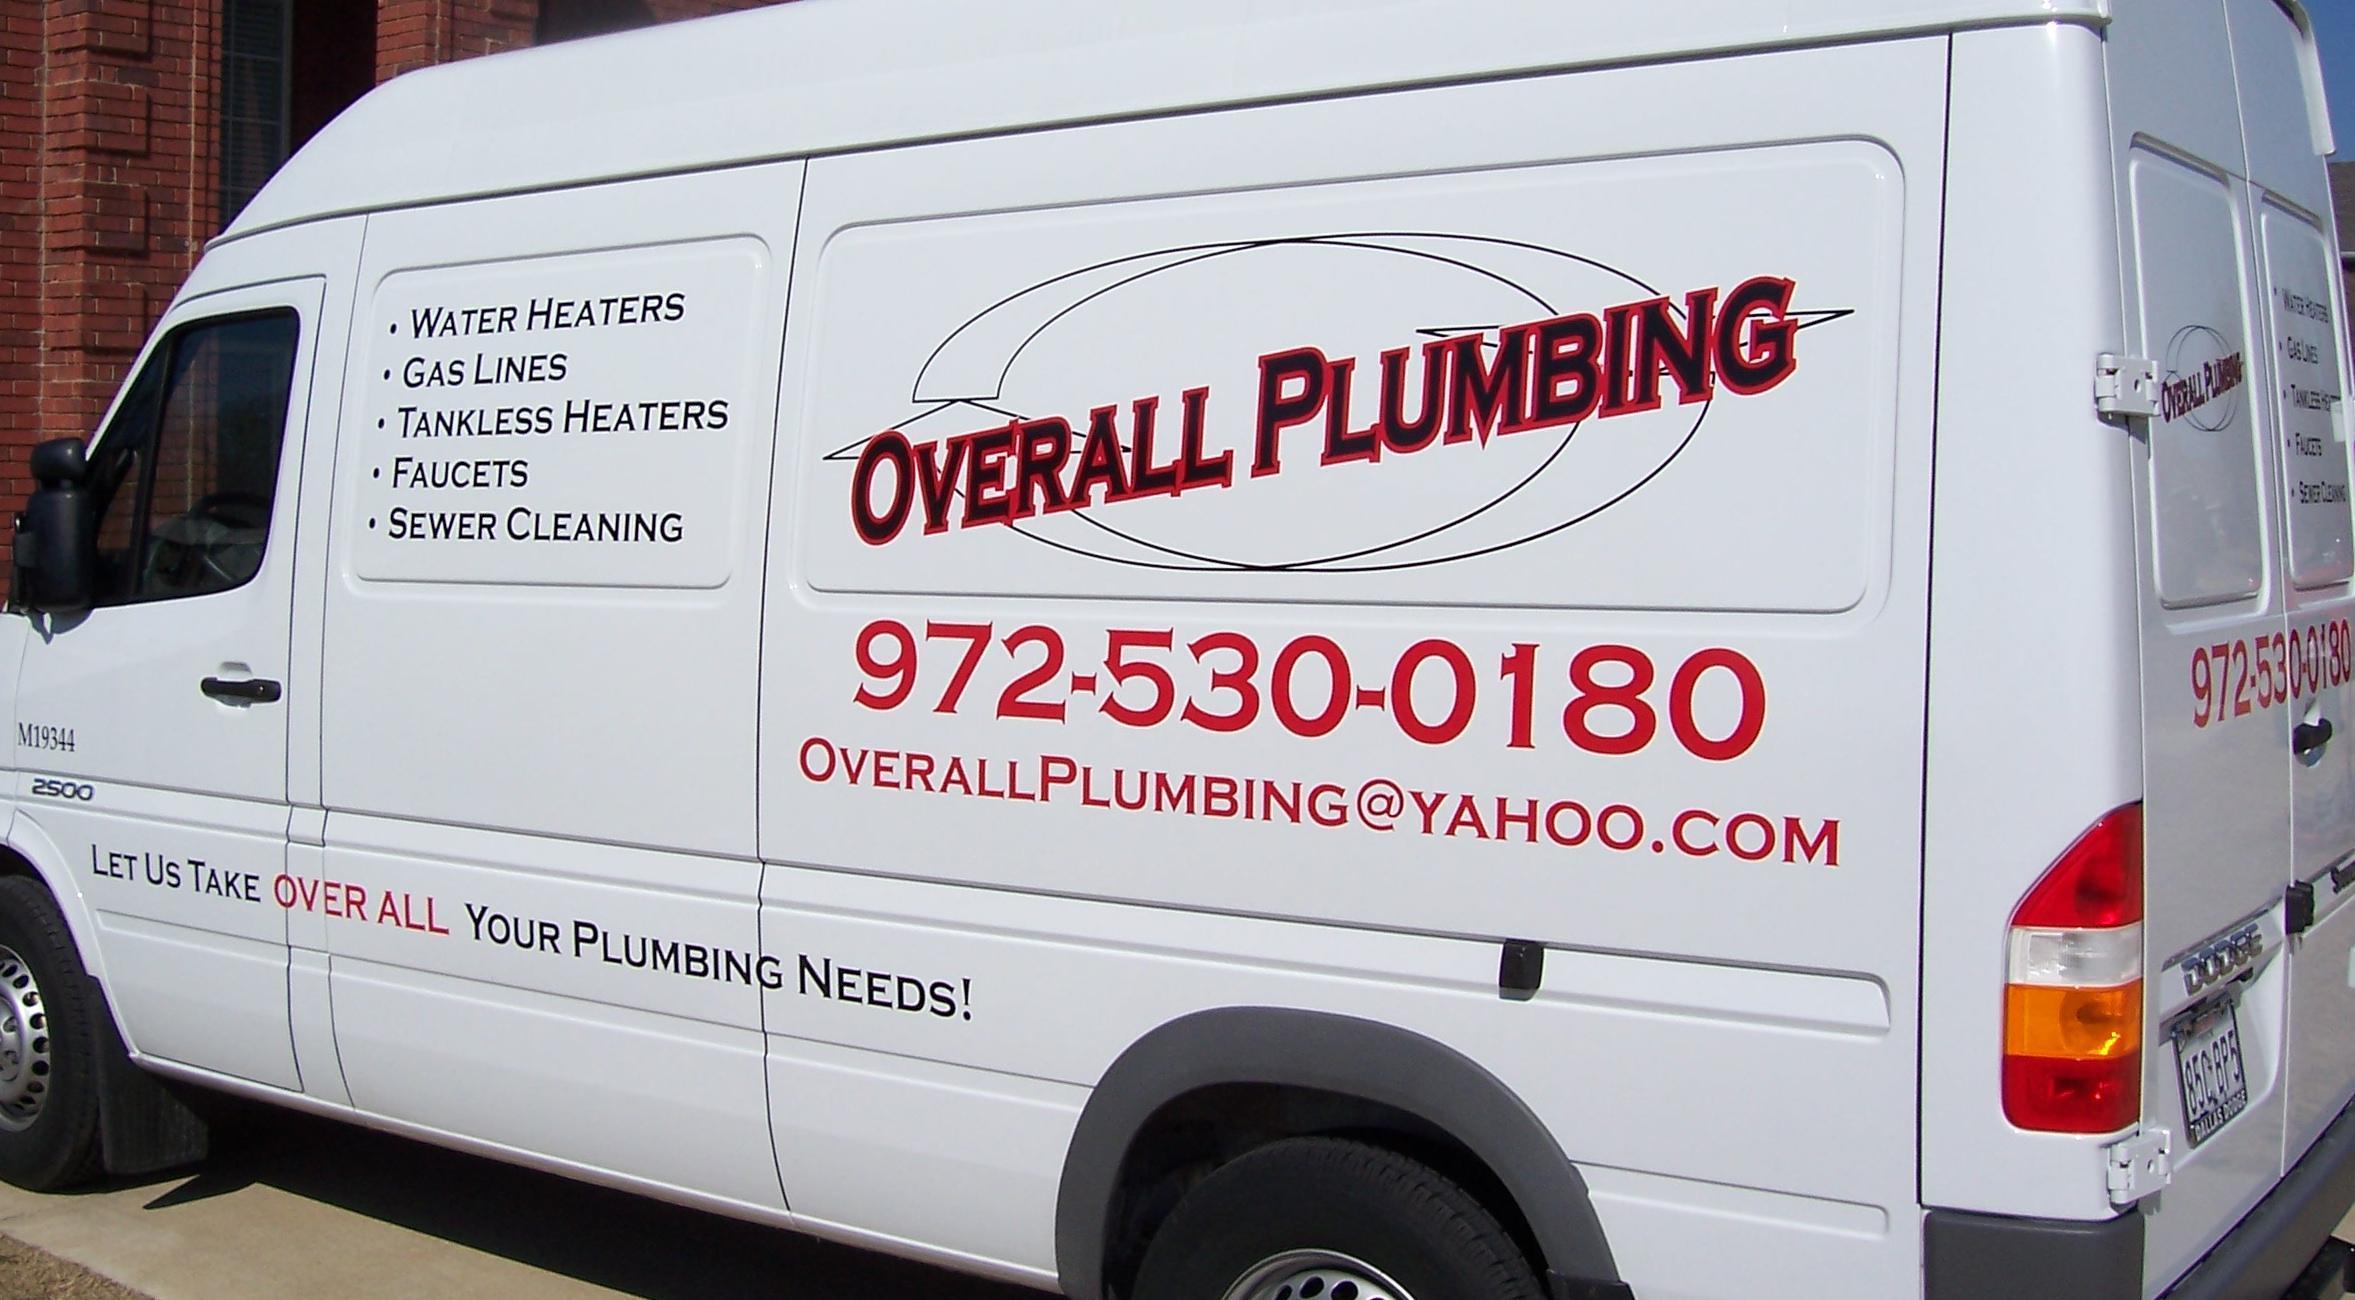 Overall Plumbing, LLC - ad image